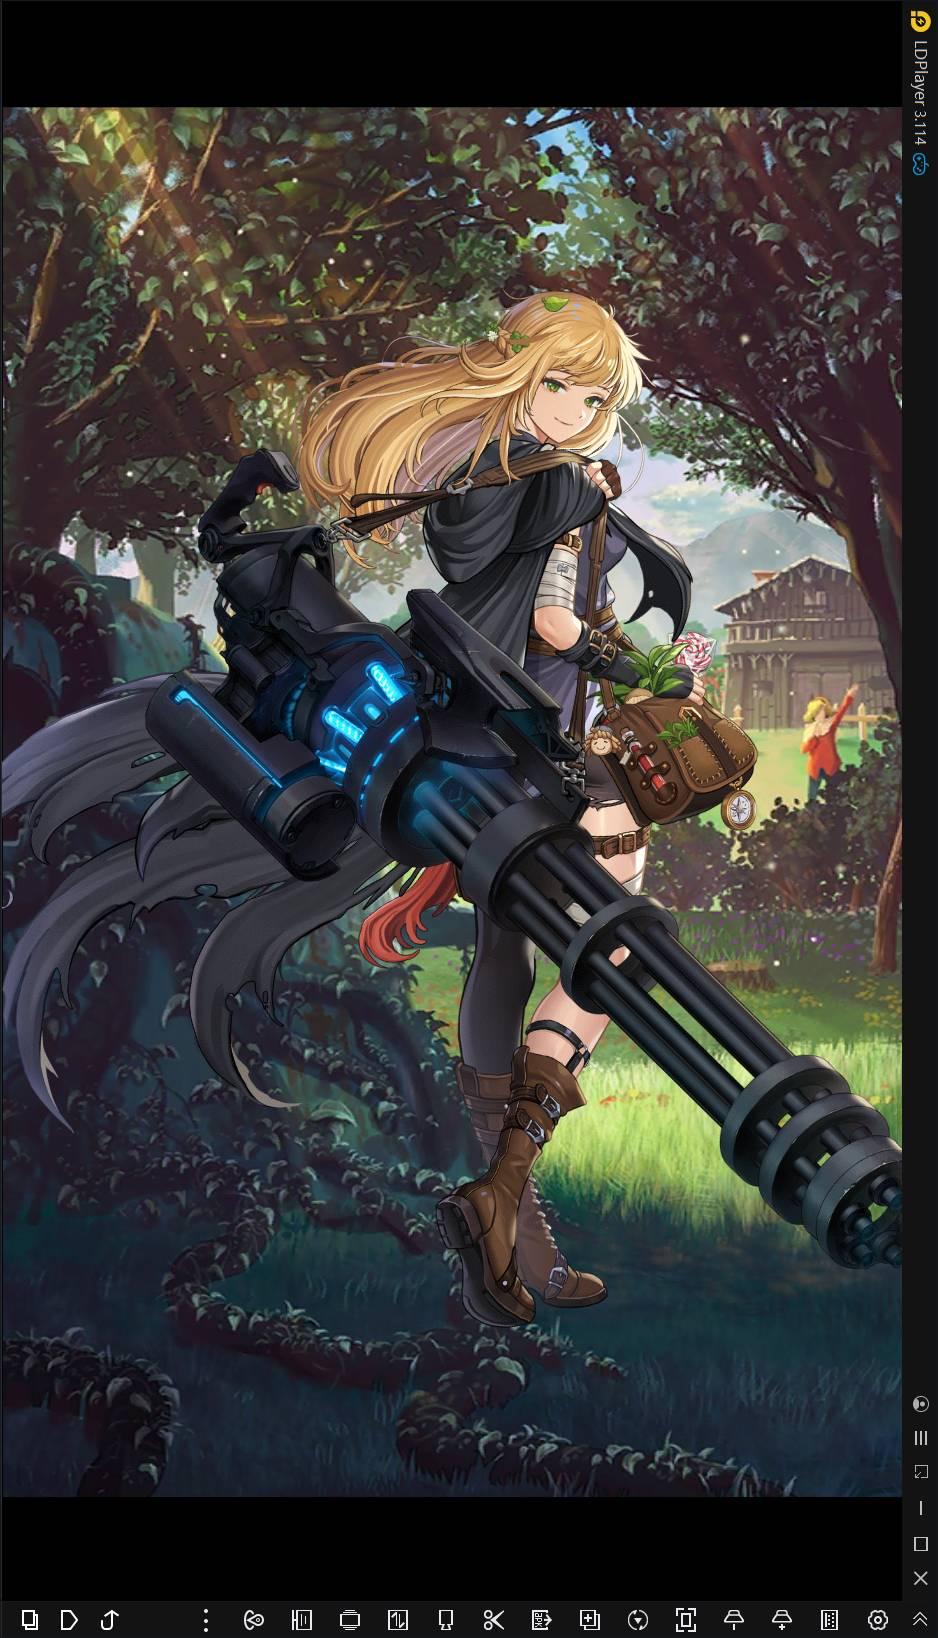 【攻略】《守望傳說》未來騎士角色解析、技能與搭配組合建議